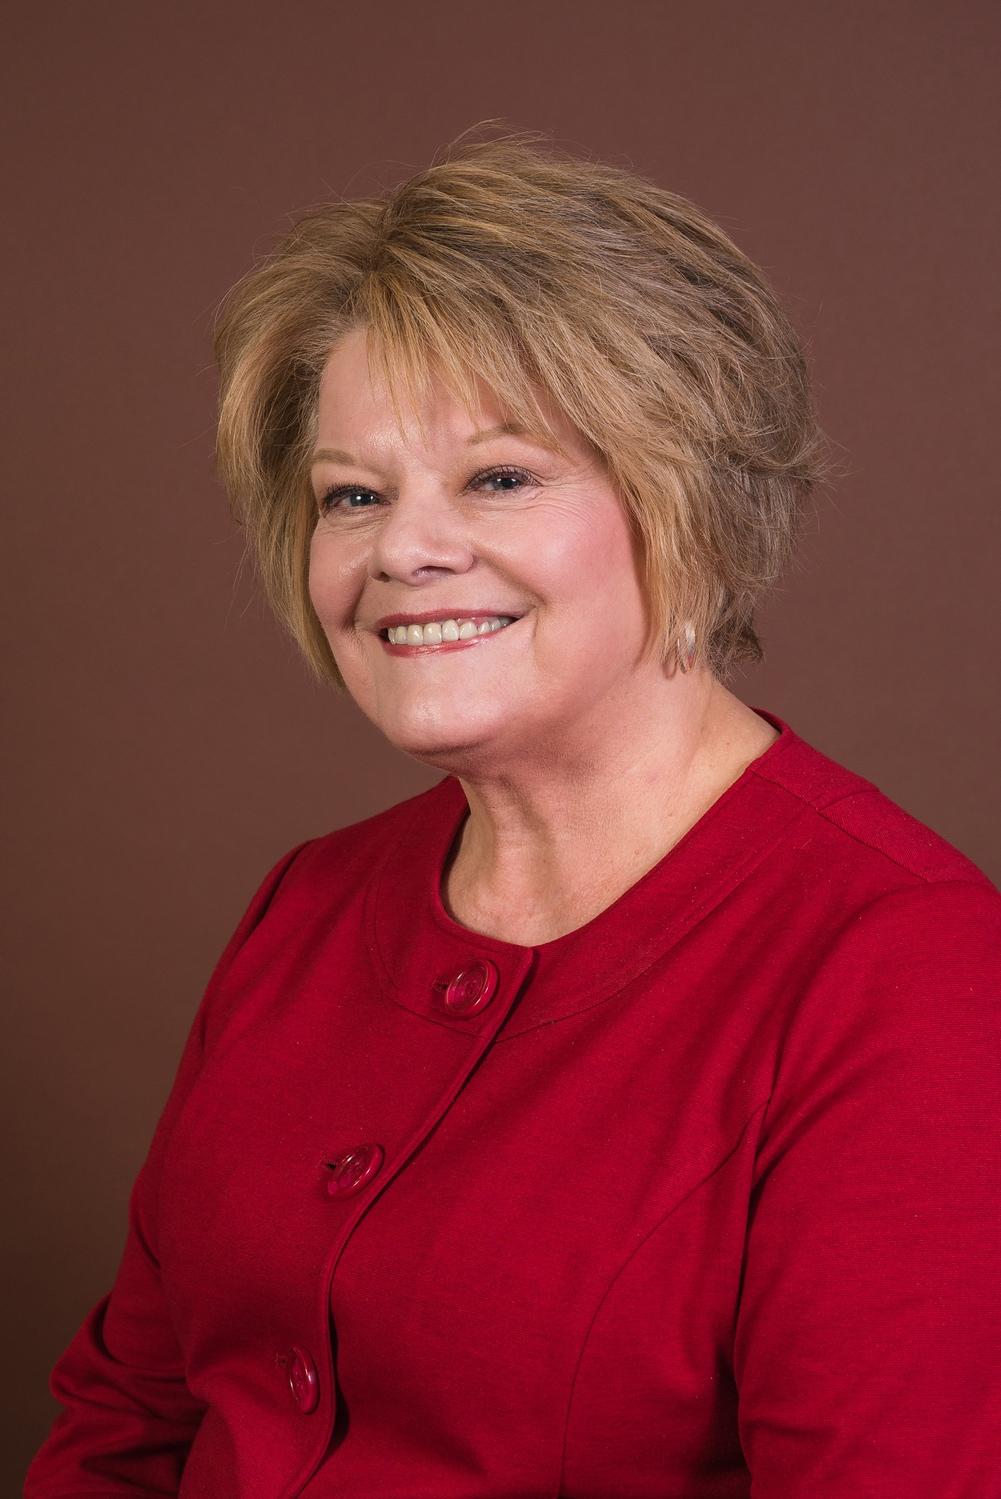 Carol Bosch, LMSW